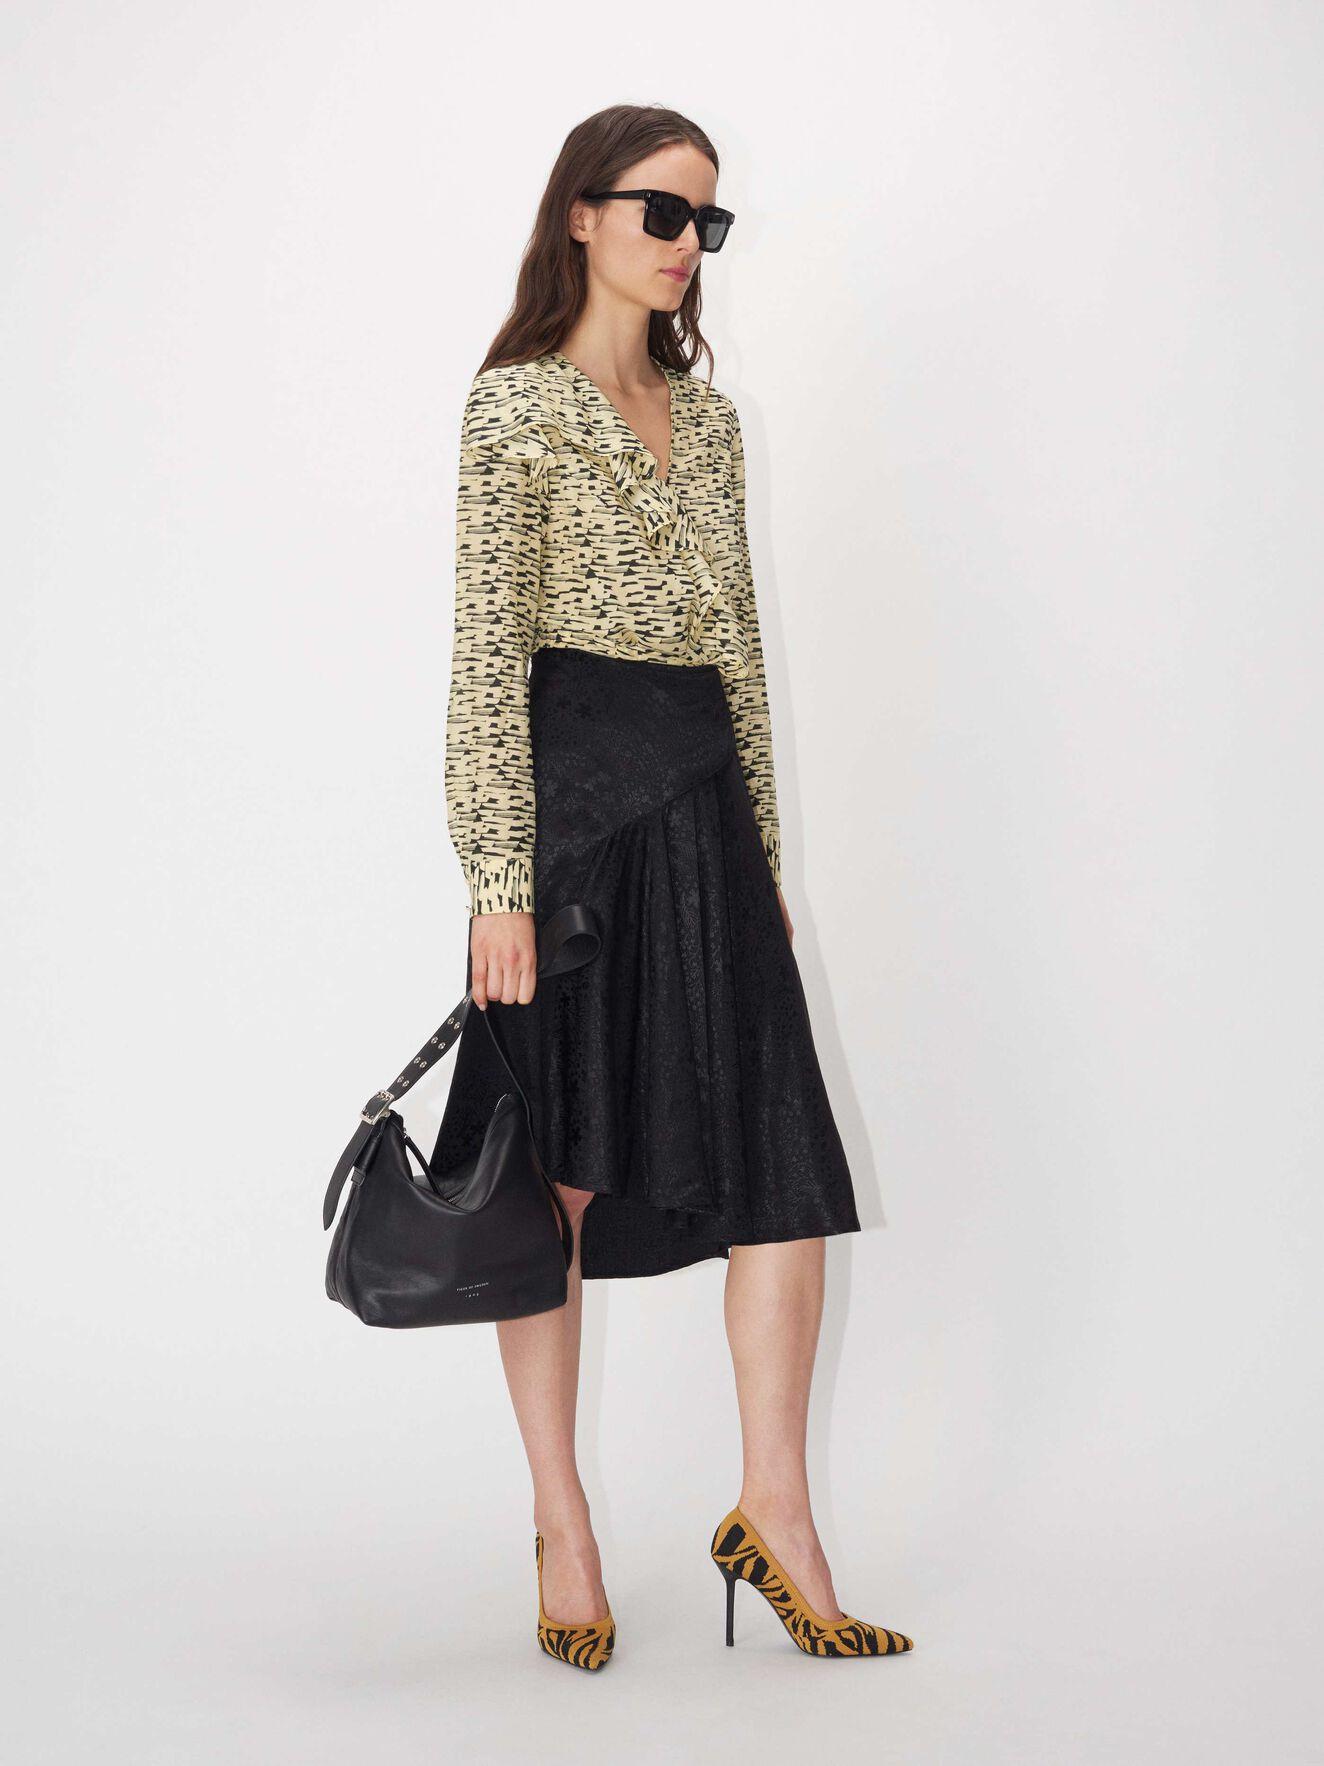 d585ec69 Damer - Køb dametøj fra Tiger of Sweden i netbutikken